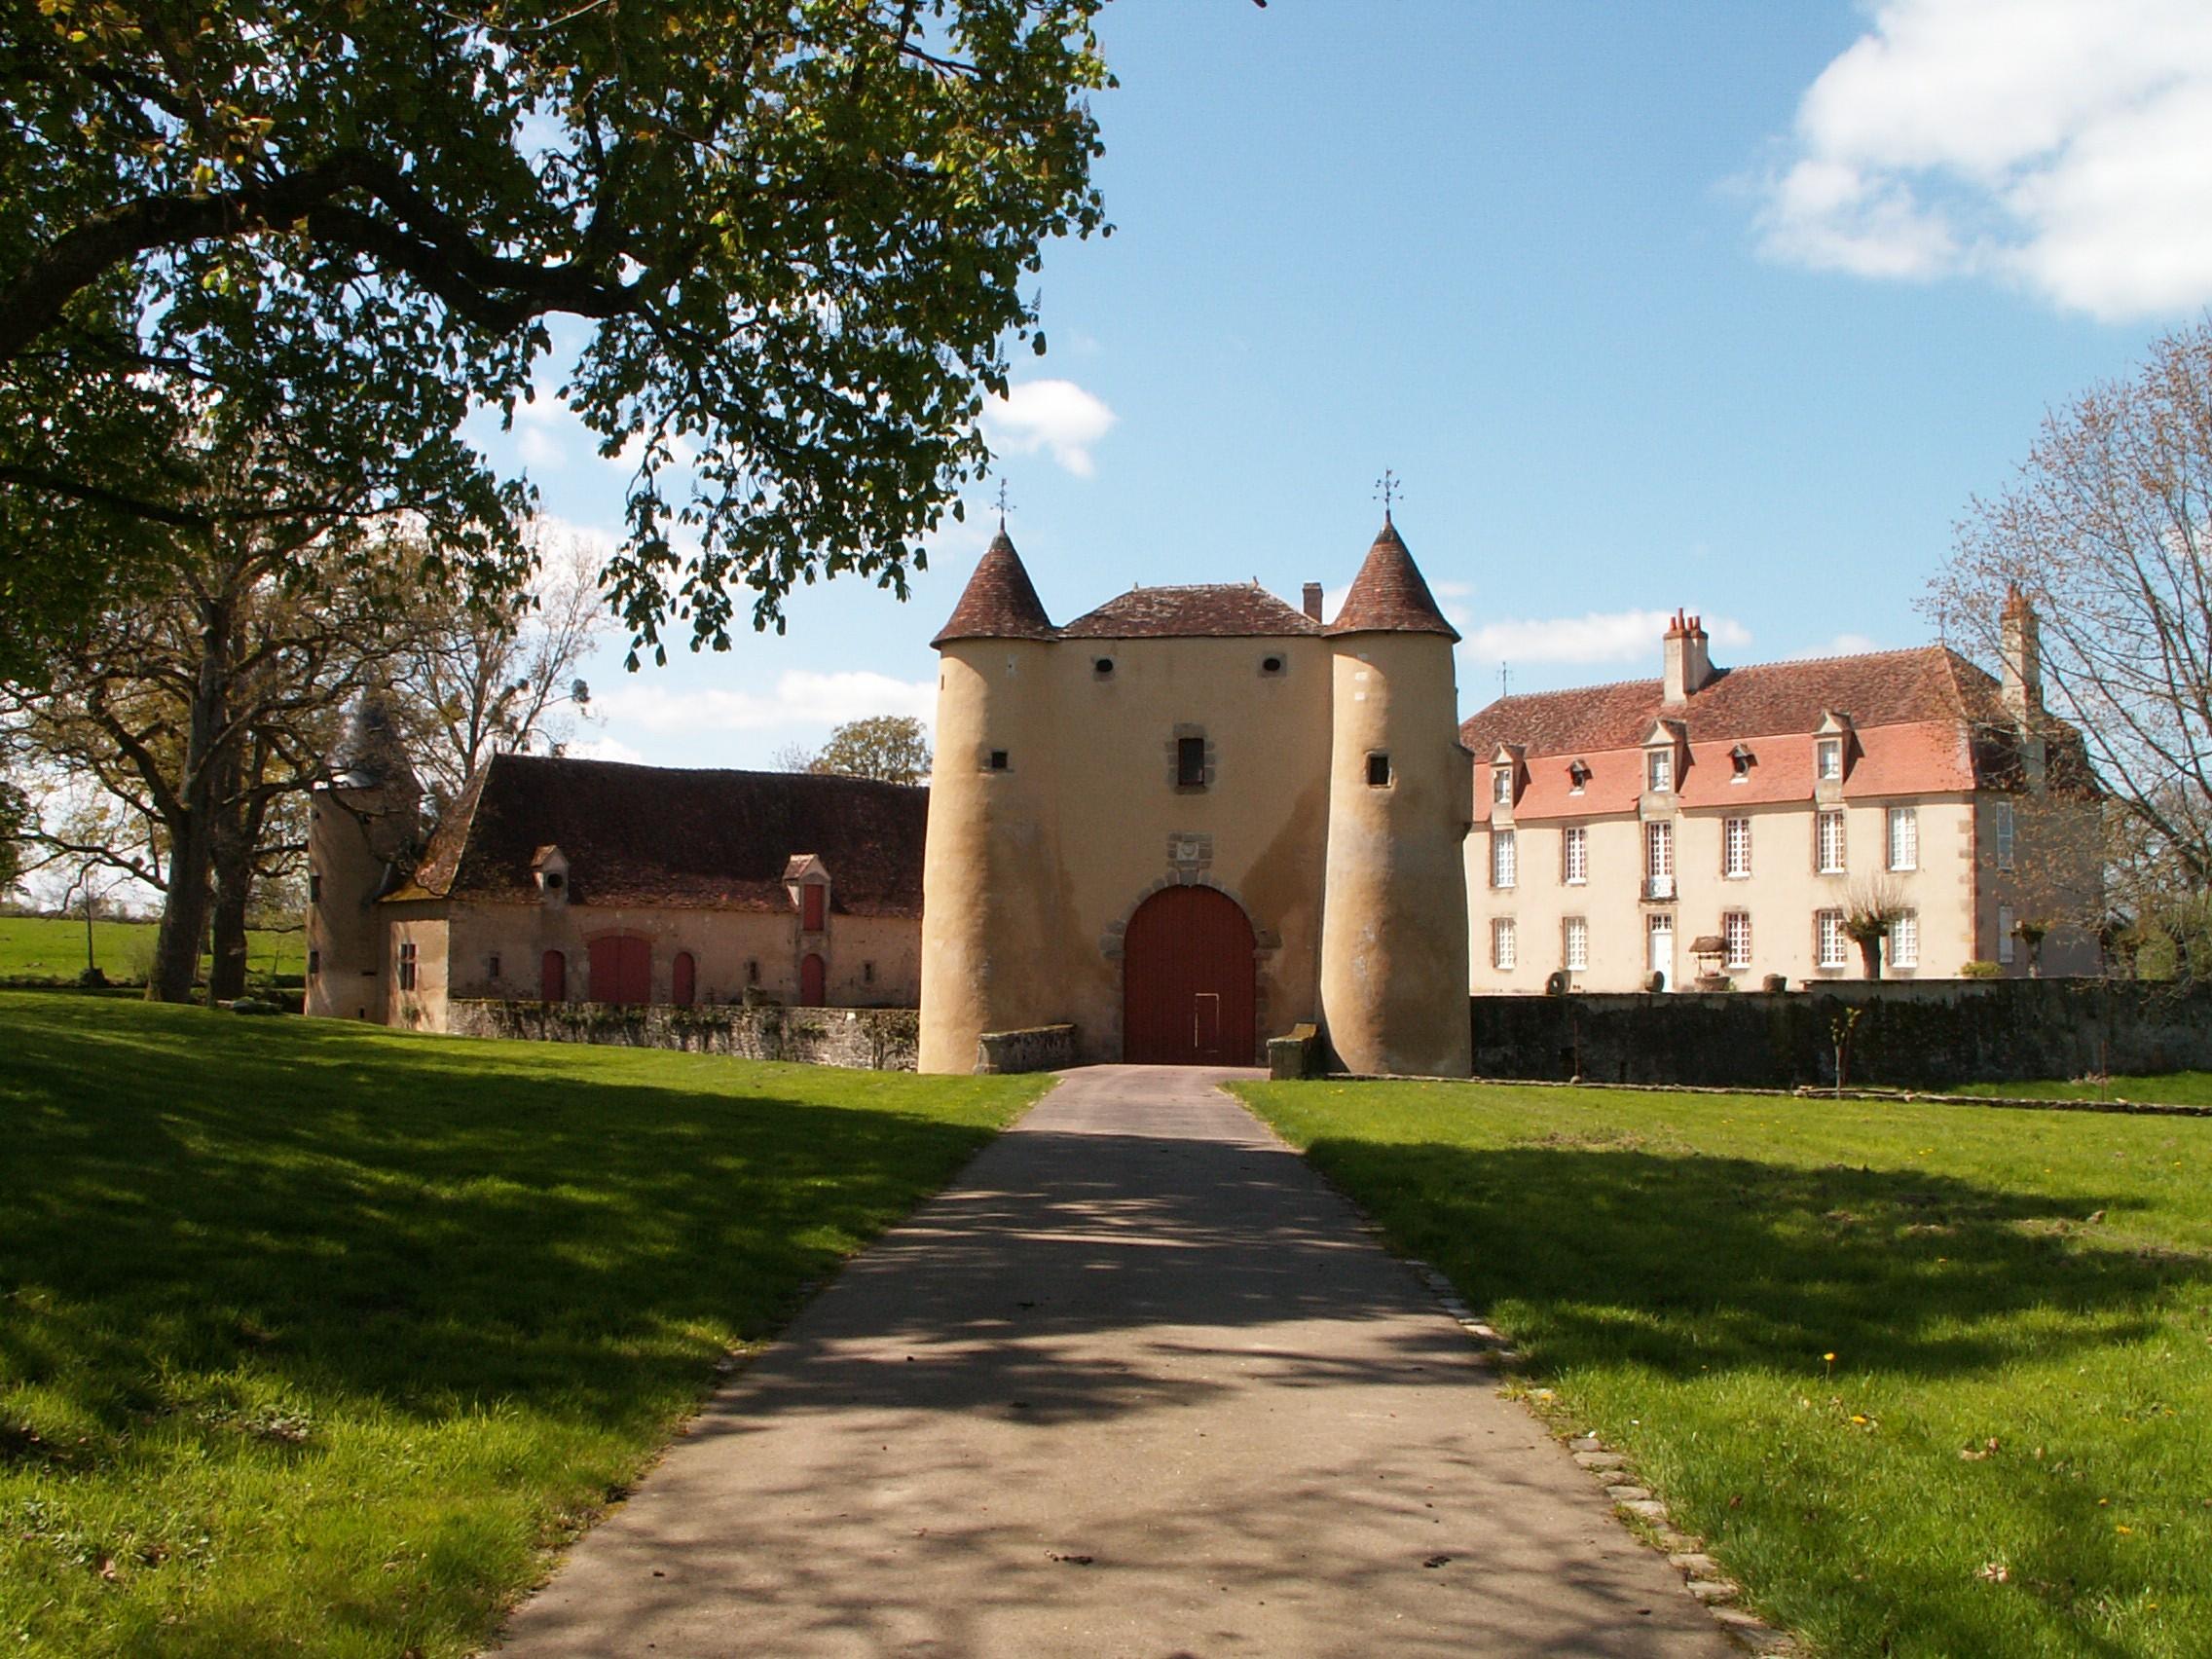 château du breuil yvain à orsennes patrimoine culturel berry